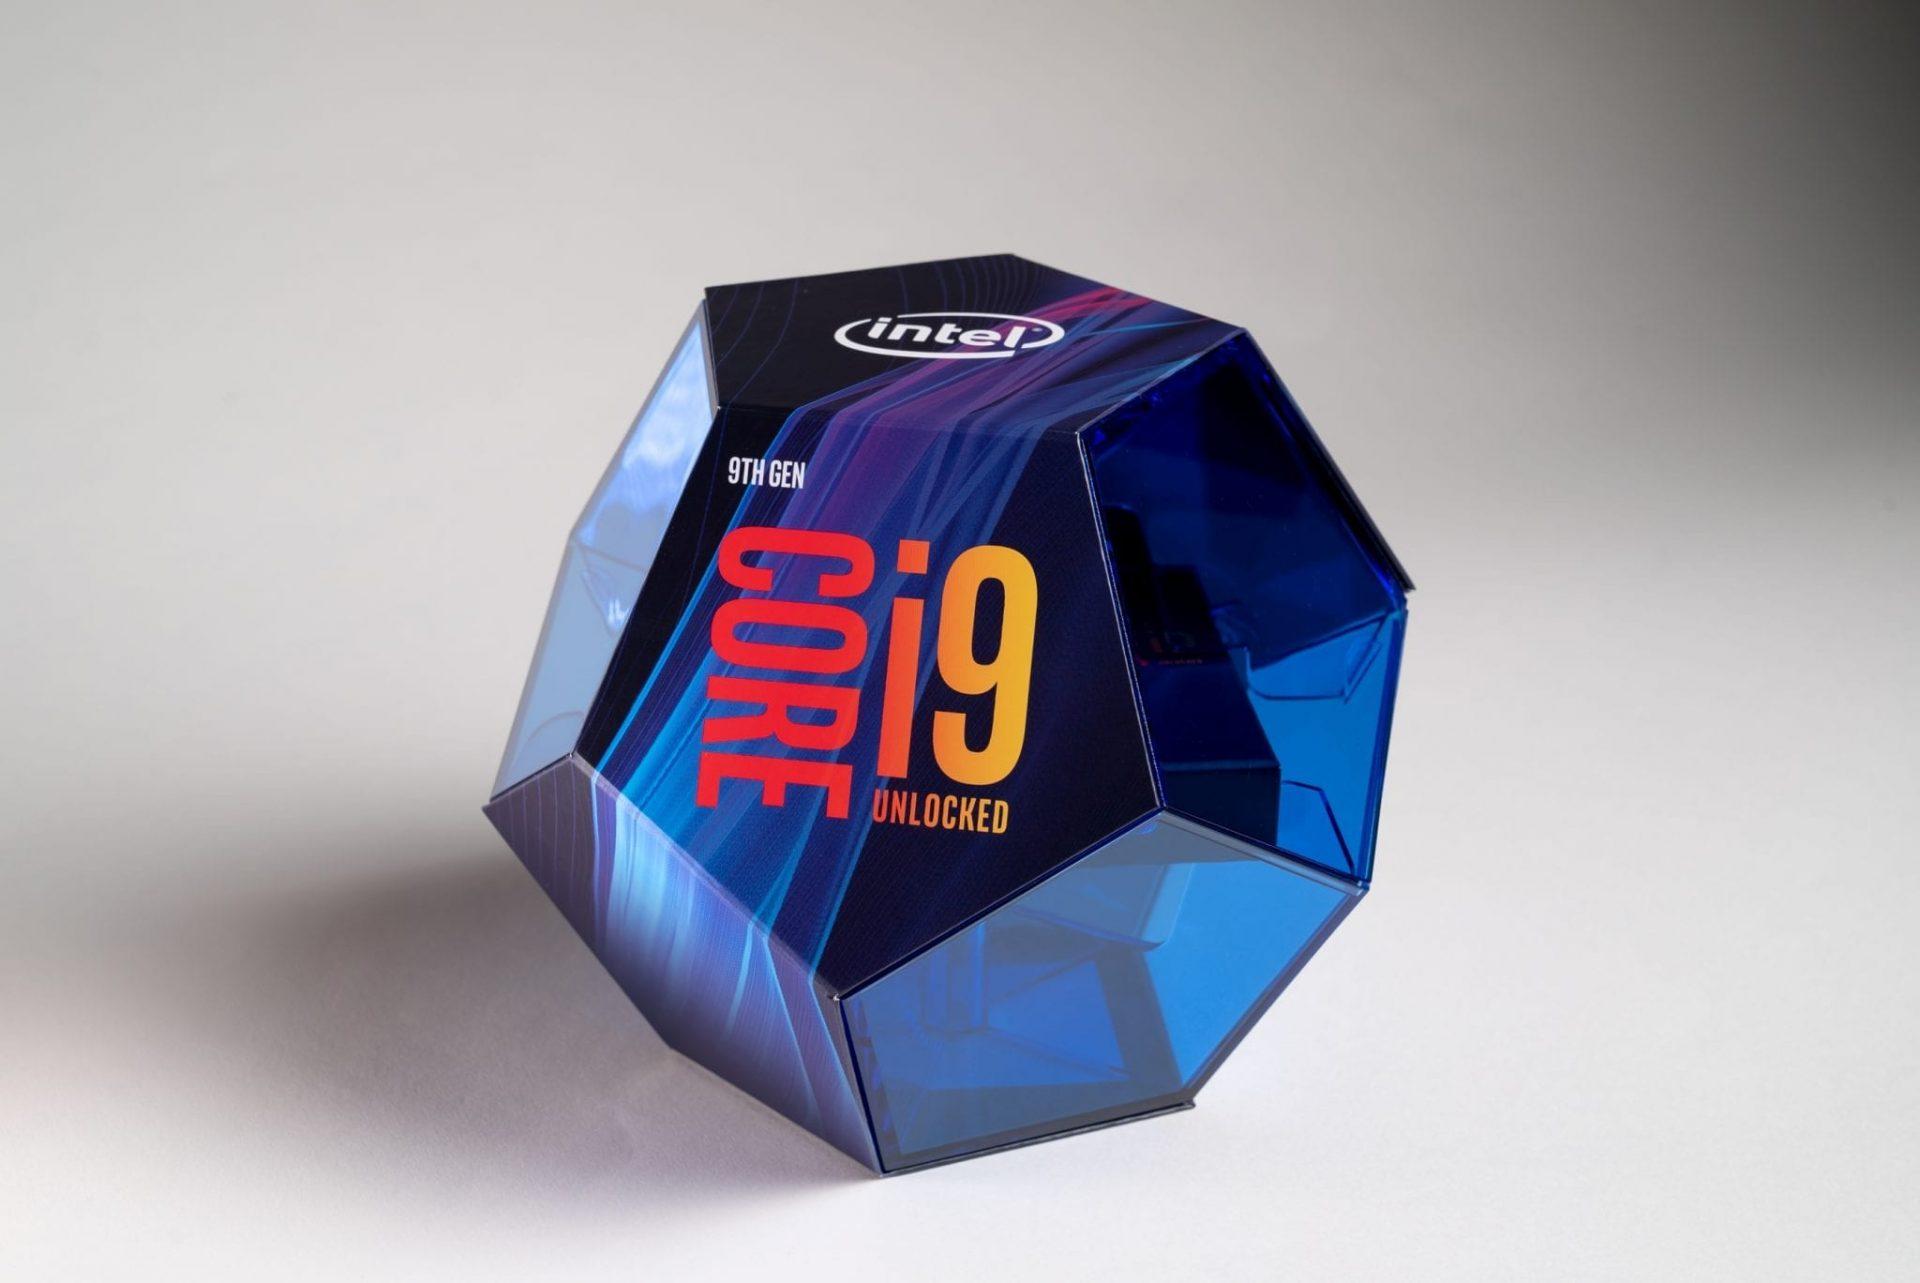 9thgen i9 box